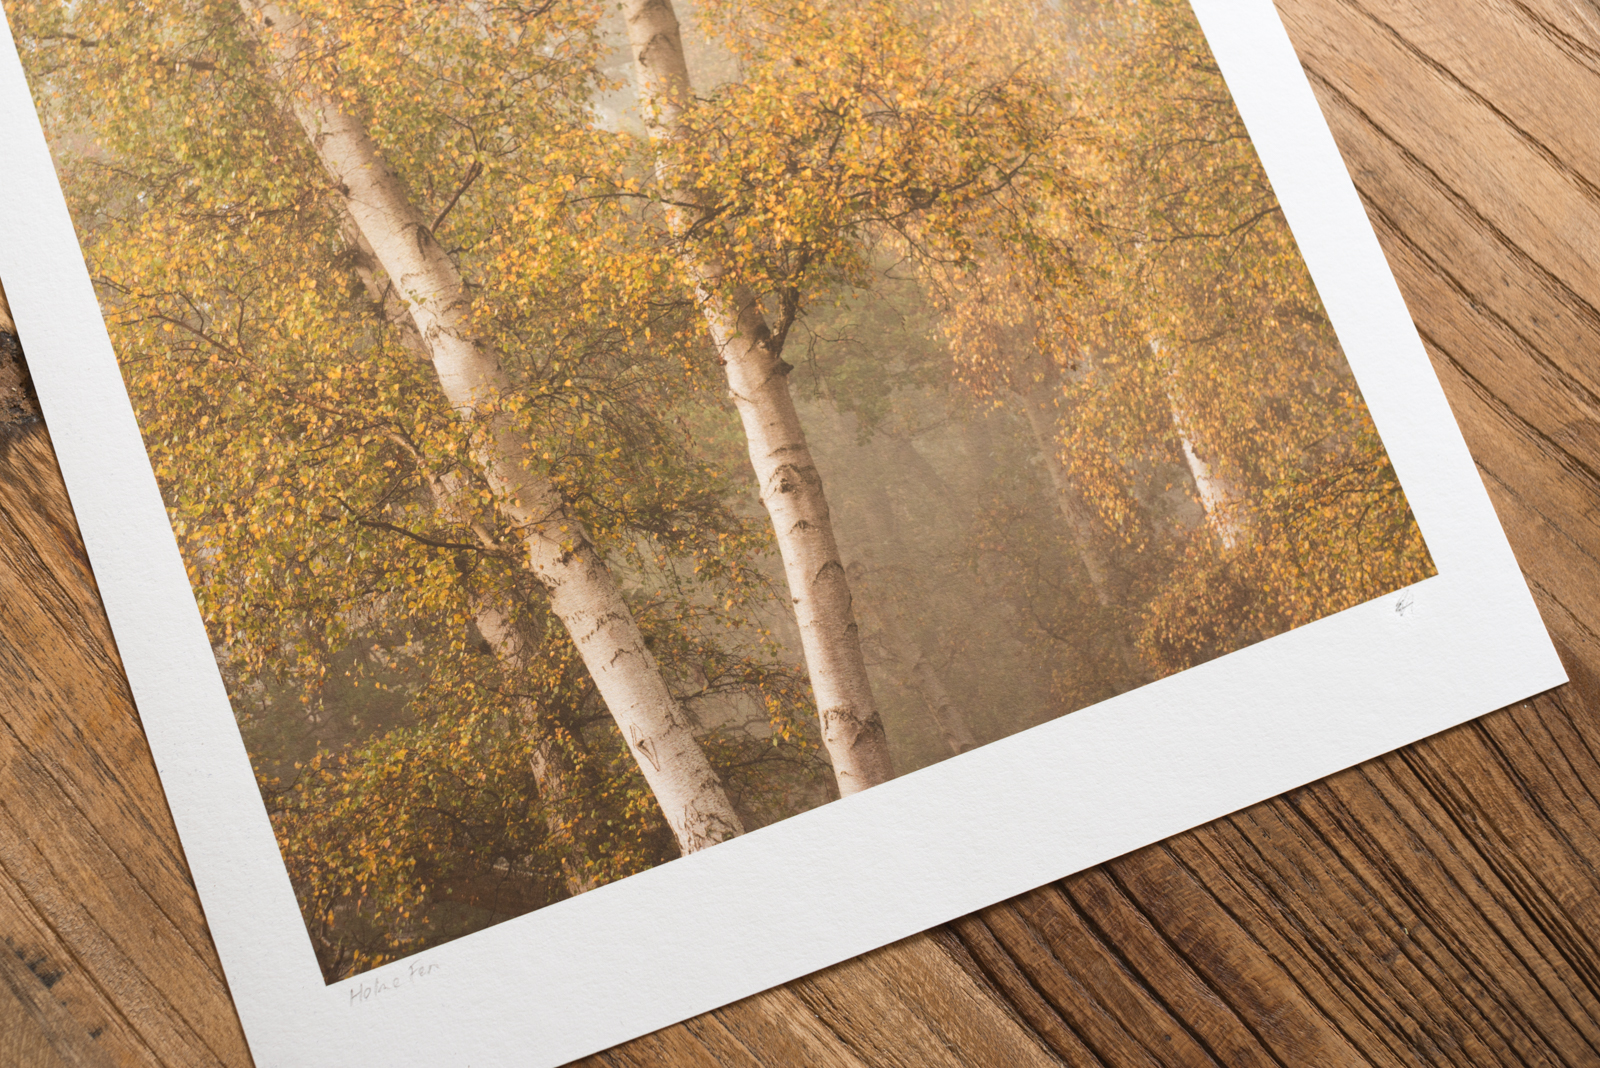 Photographic Prints